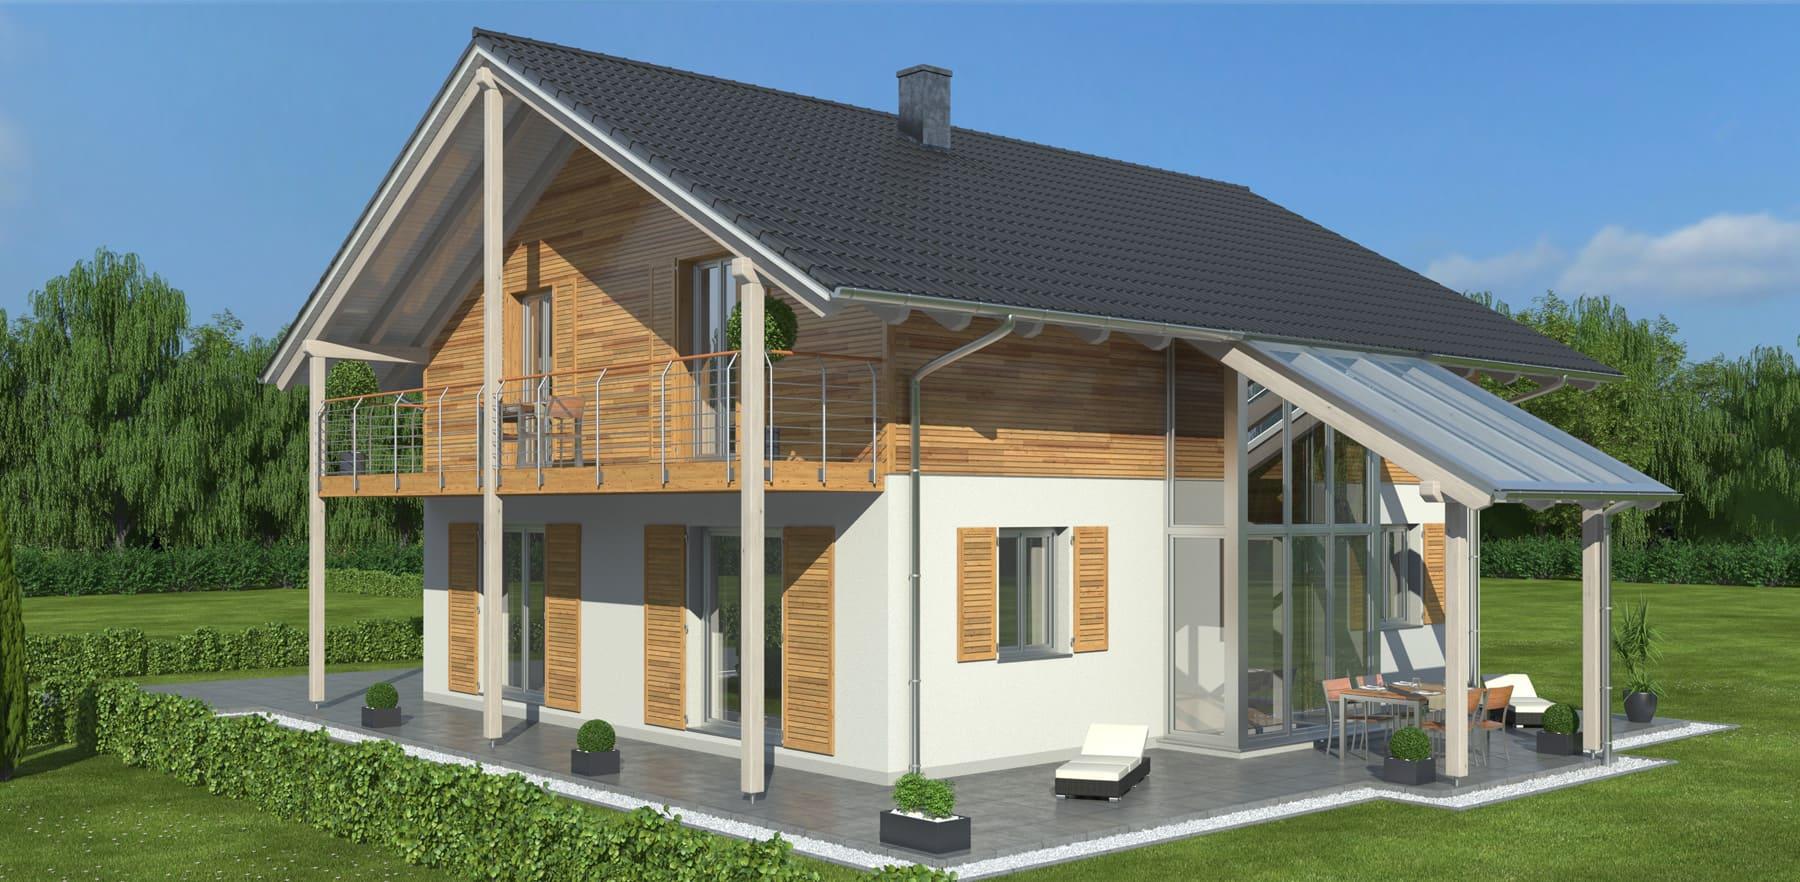 Amüsant Häuser Stile Ideen Von Die Gebäude-dichten